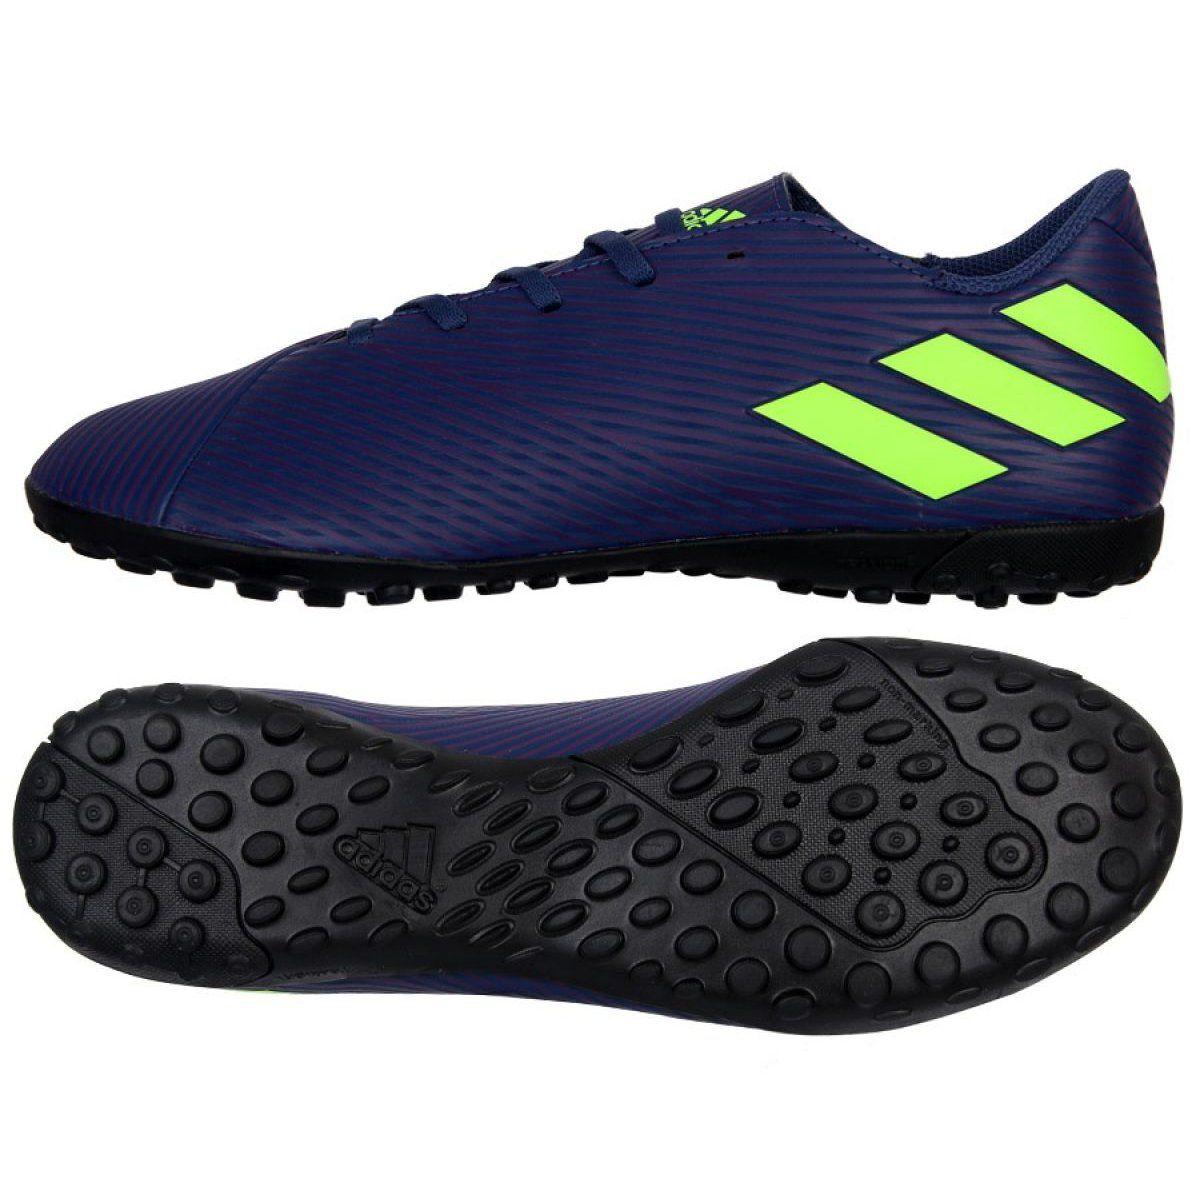 Buty adidas Nemeziz Messi 19.4 Tf M EF1805 granatowe